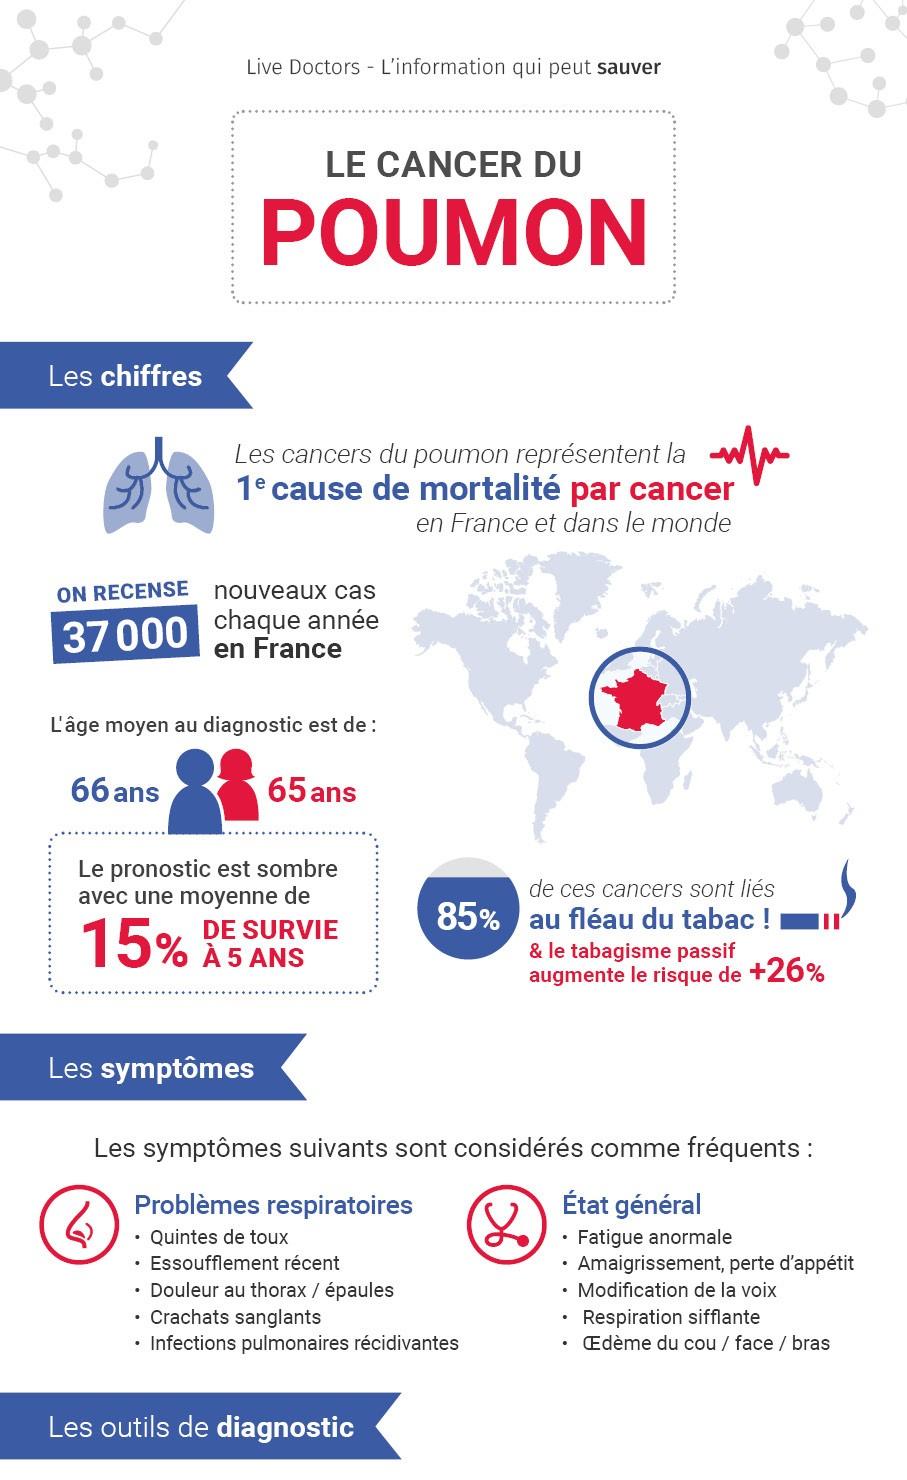 cancer du poumon une infographie compl te. Black Bedroom Furniture Sets. Home Design Ideas